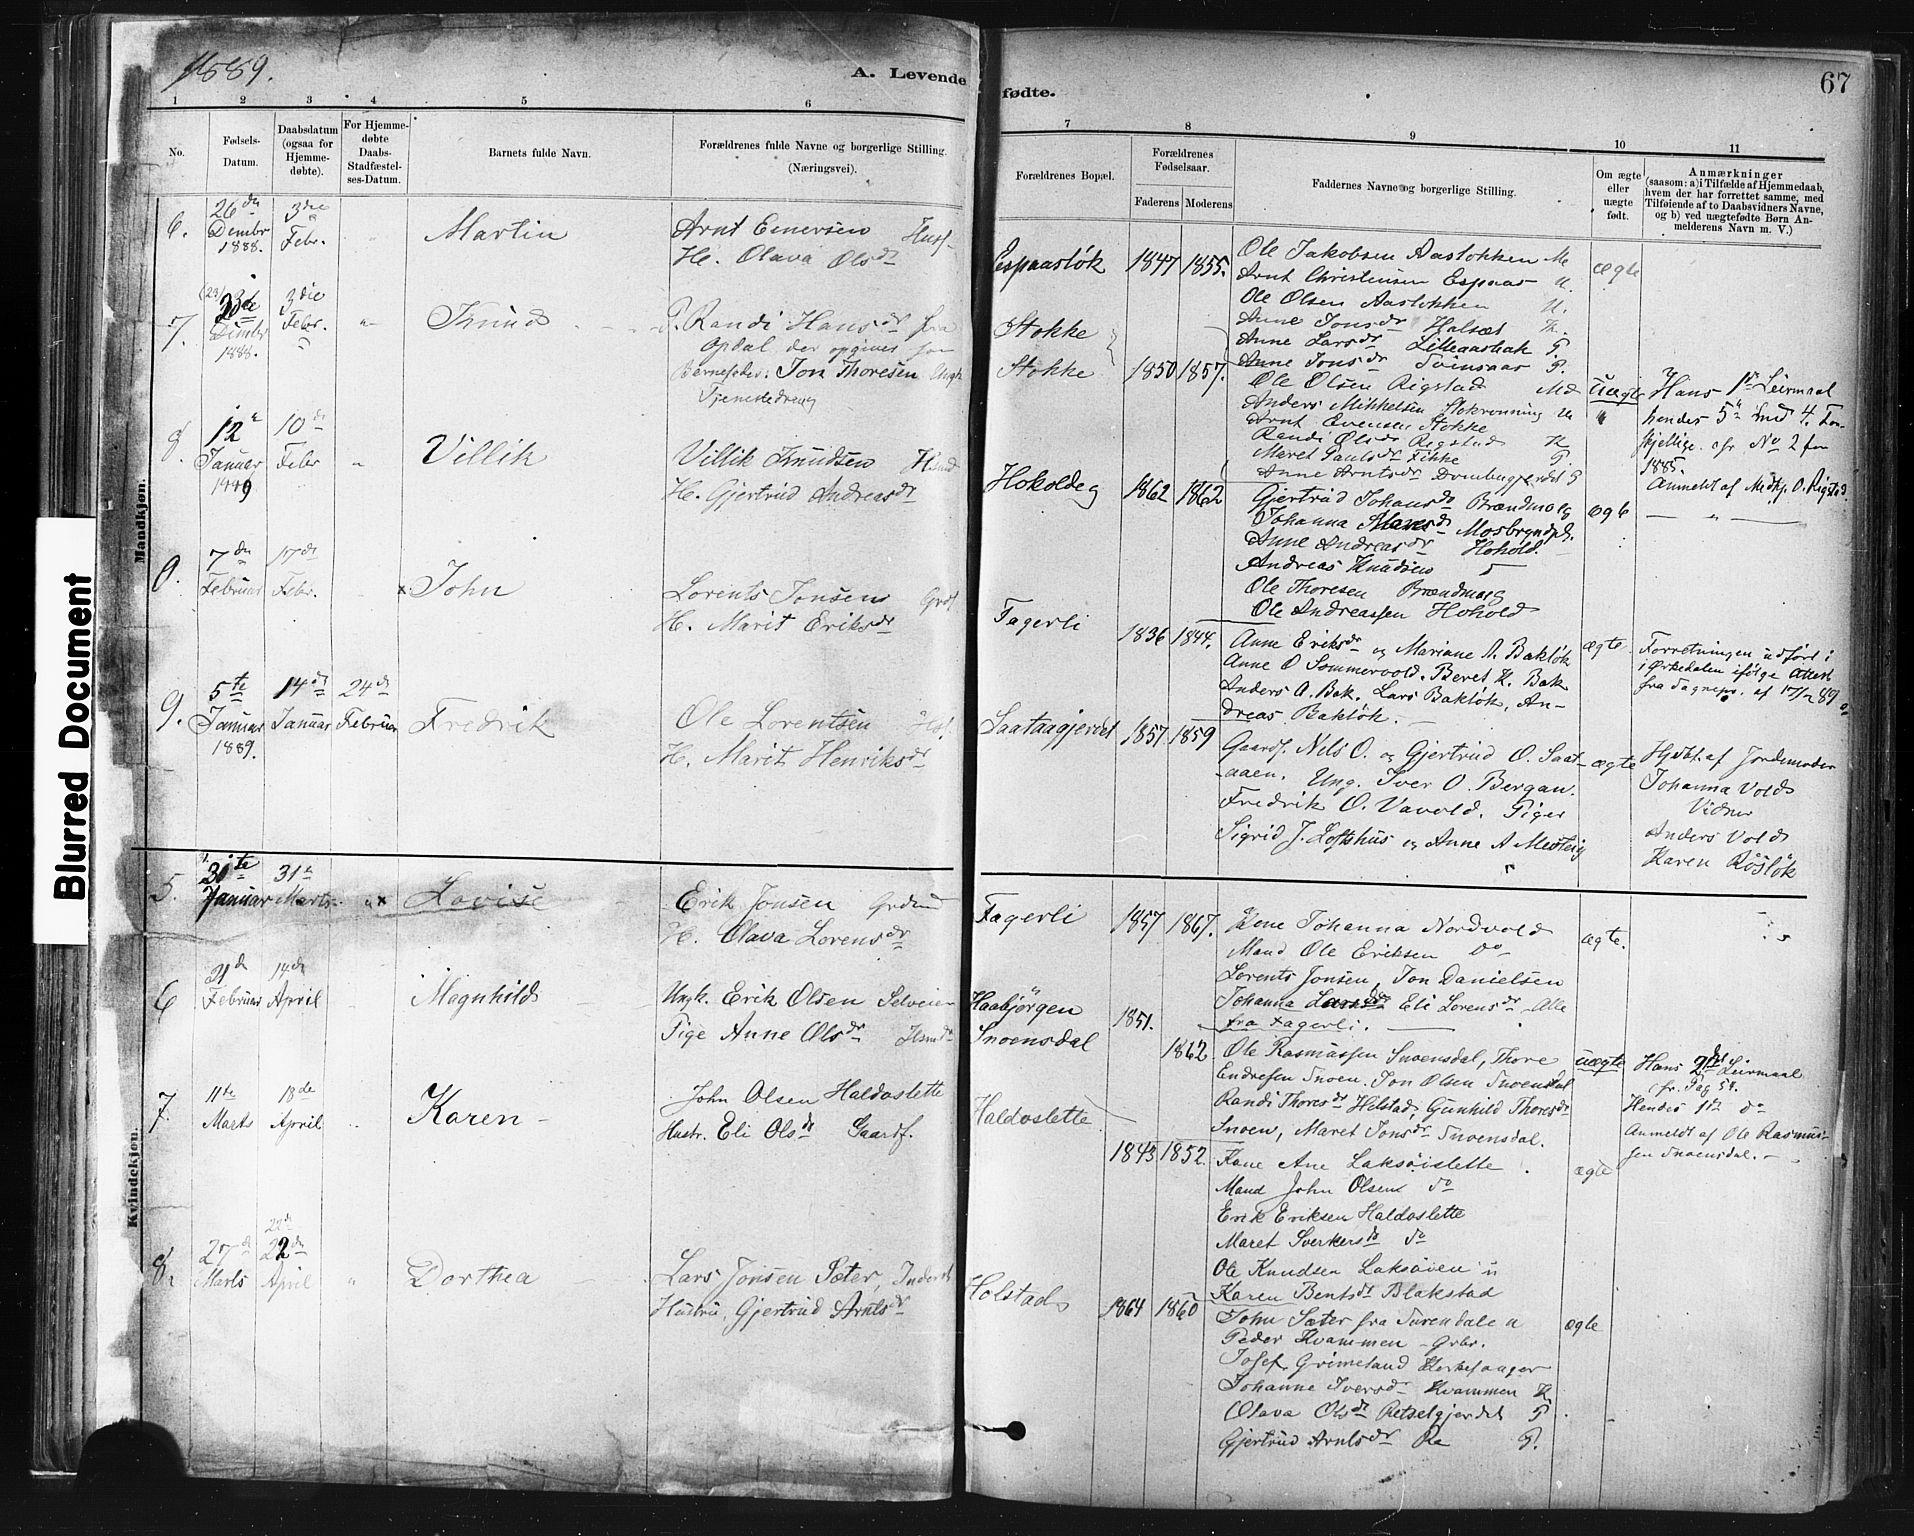 SAT, Ministerialprotokoller, klokkerbøker og fødselsregistre - Sør-Trøndelag, 672/L0857: Ministerialbok nr. 672A09, 1882-1893, s. 67